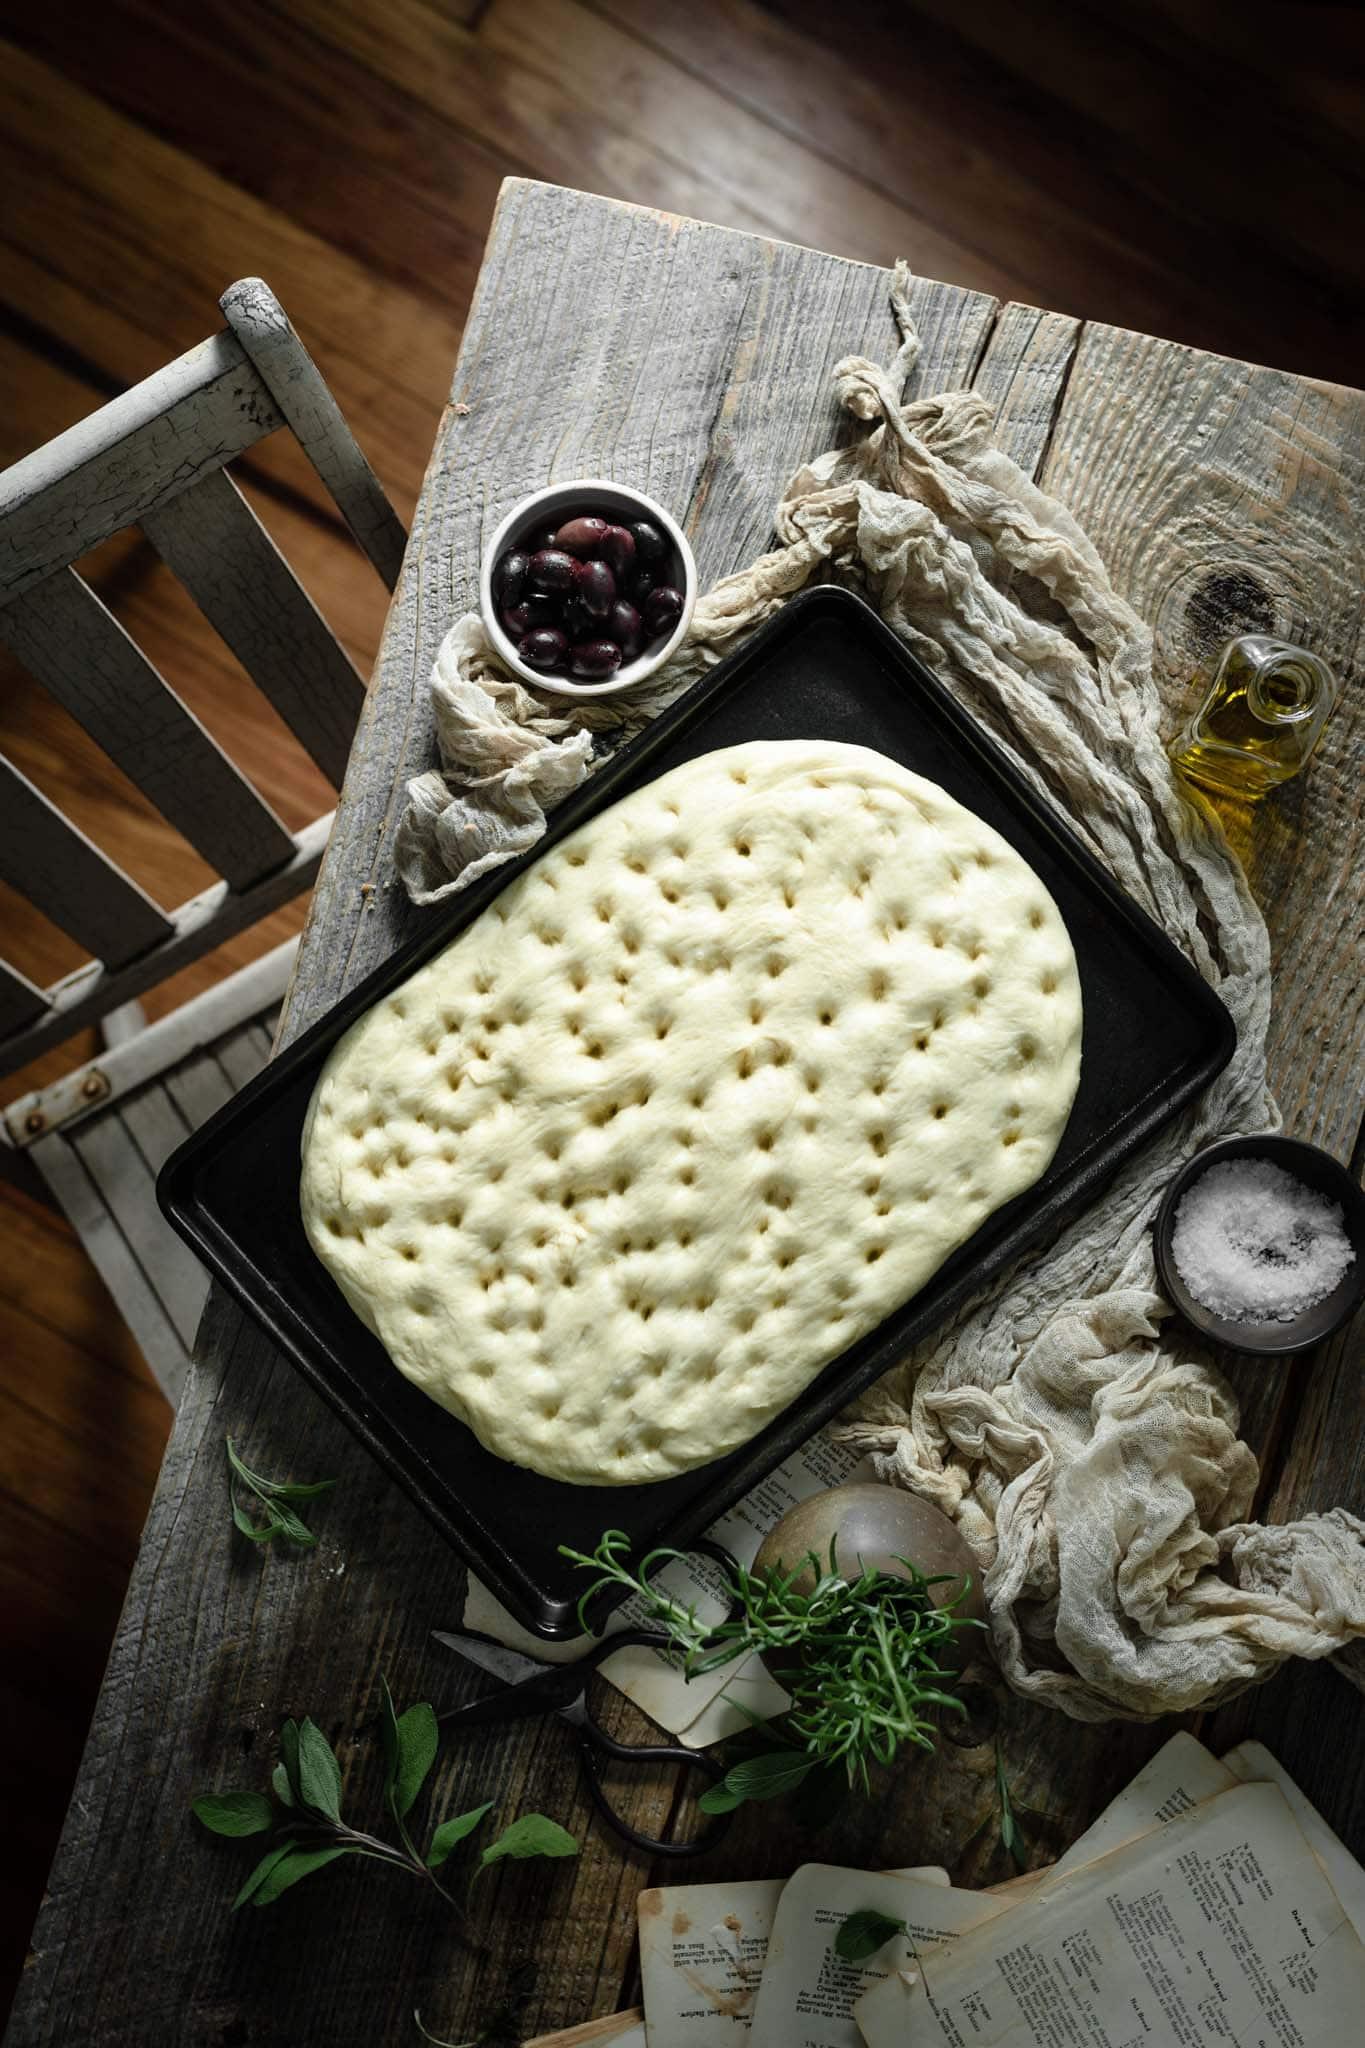 Focaccia bread dough on pan.